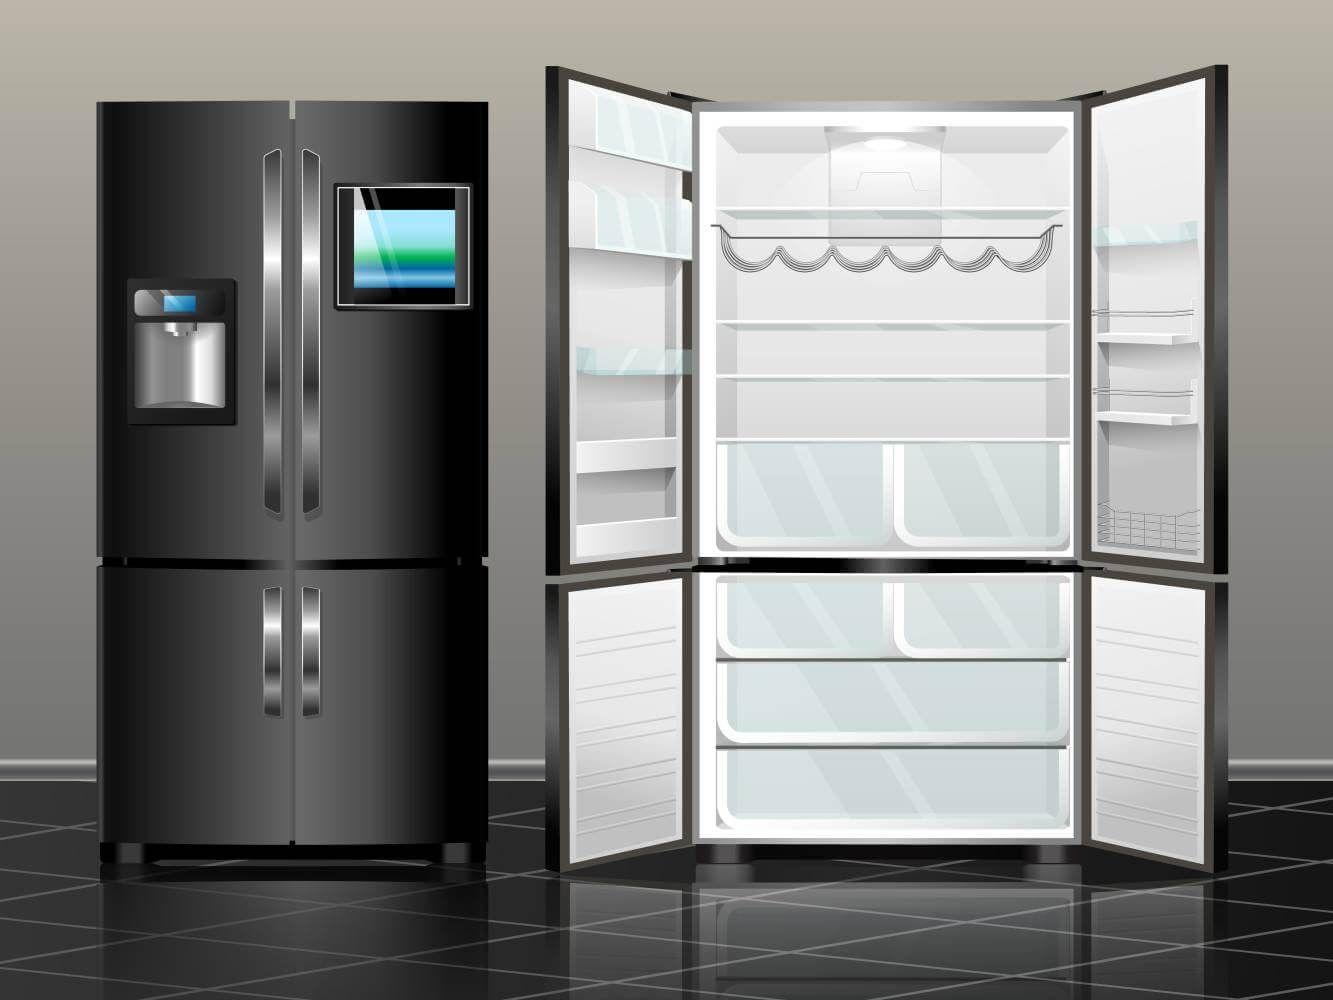 Amerikanischer Kühlschrank Miele : Küchen mit side by side kühlschrank miele amerikanischer